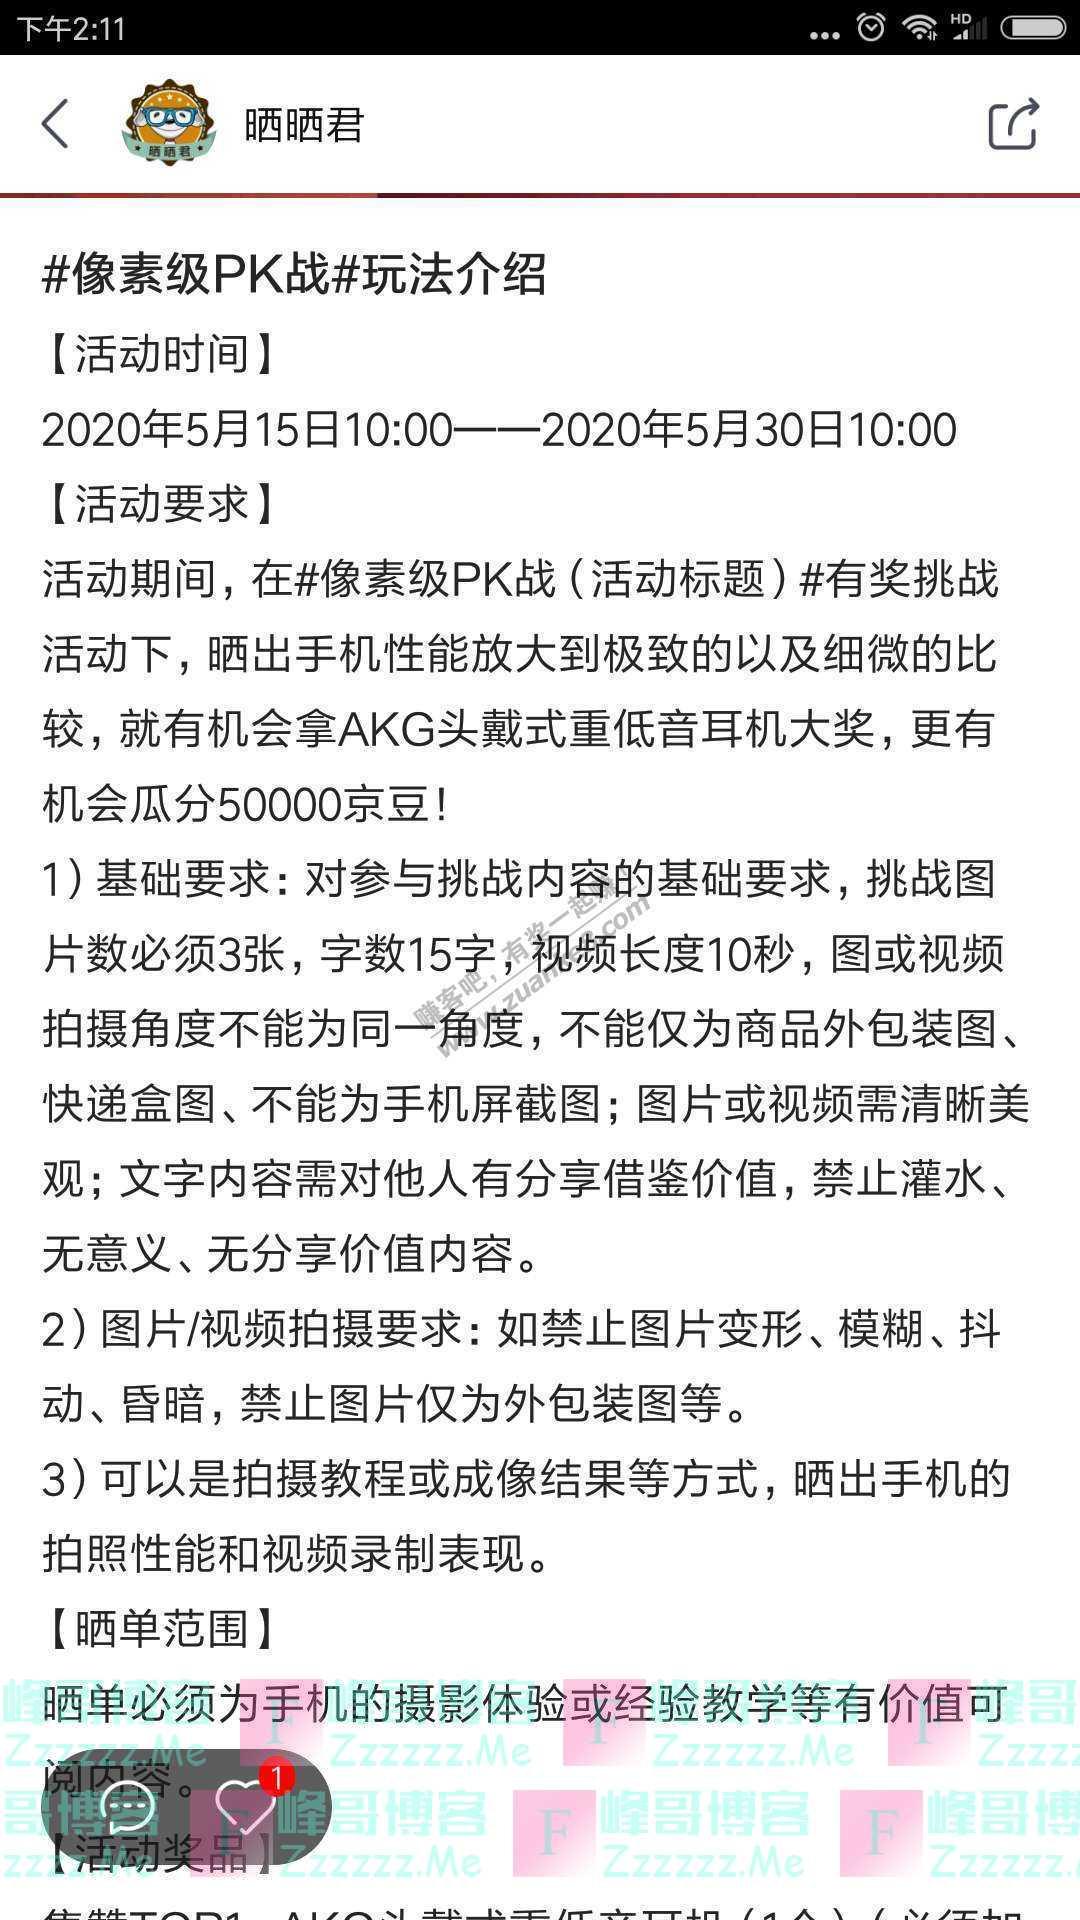 京东像素级pk战(截止5月30日)